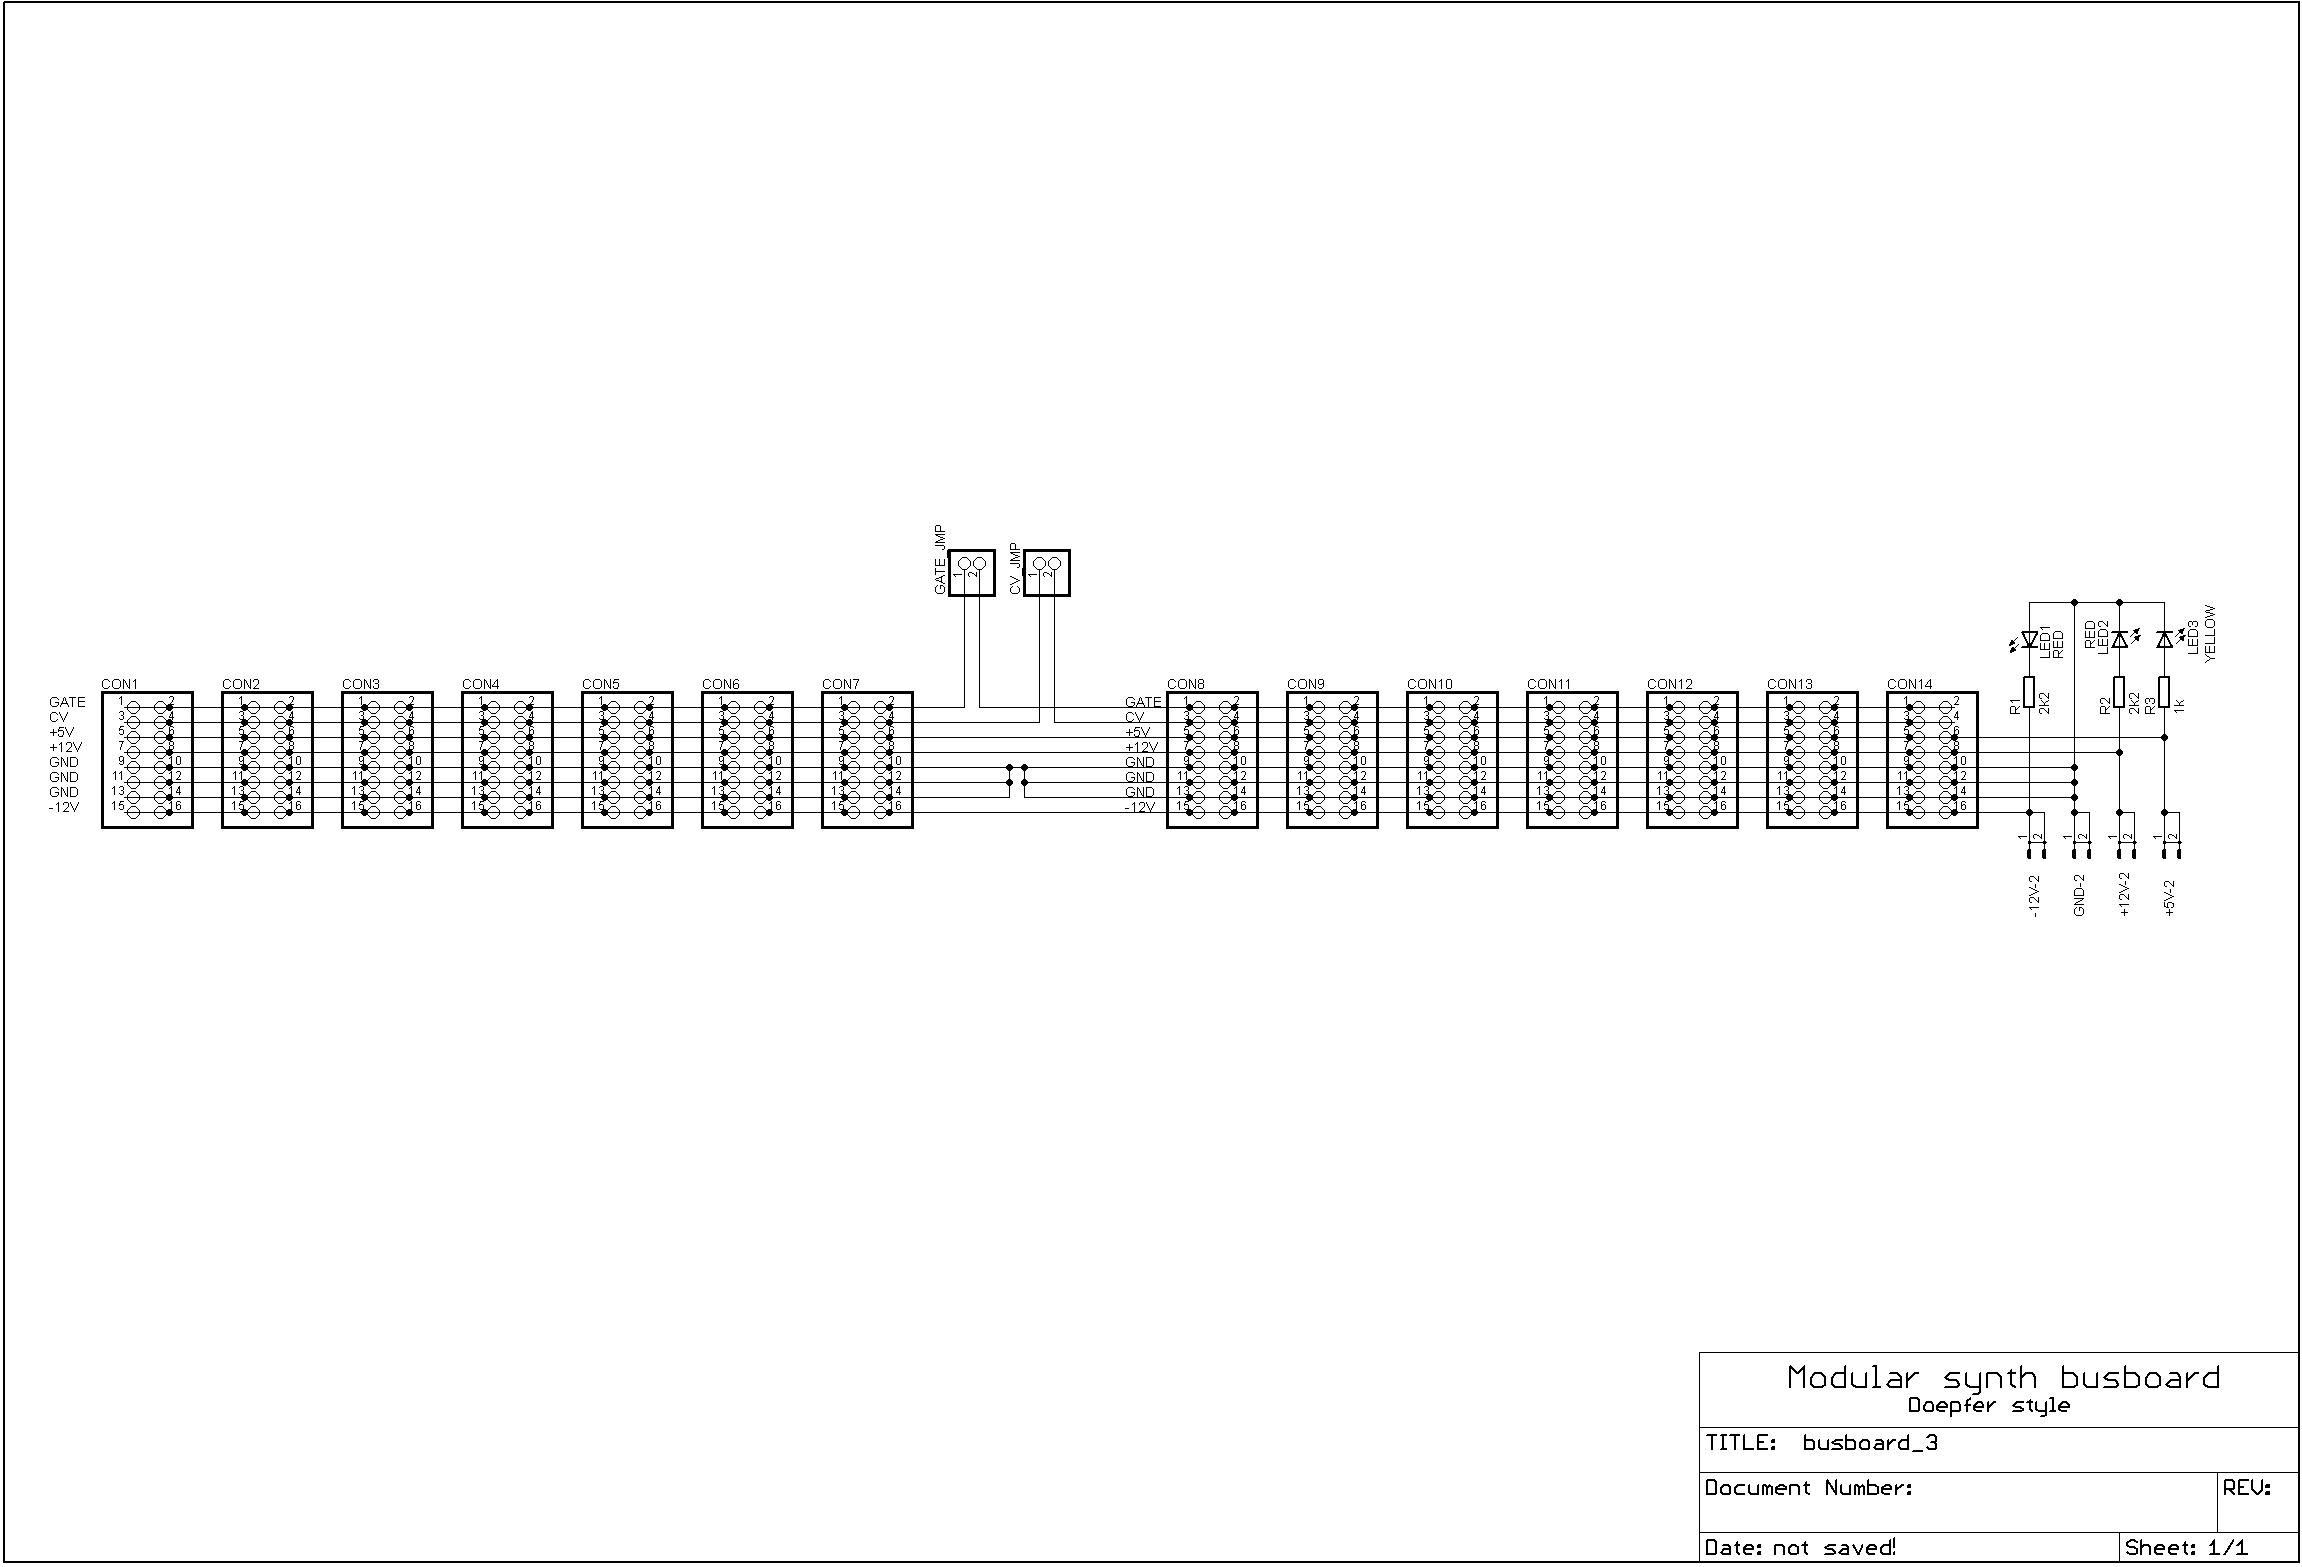 Busboard schematics